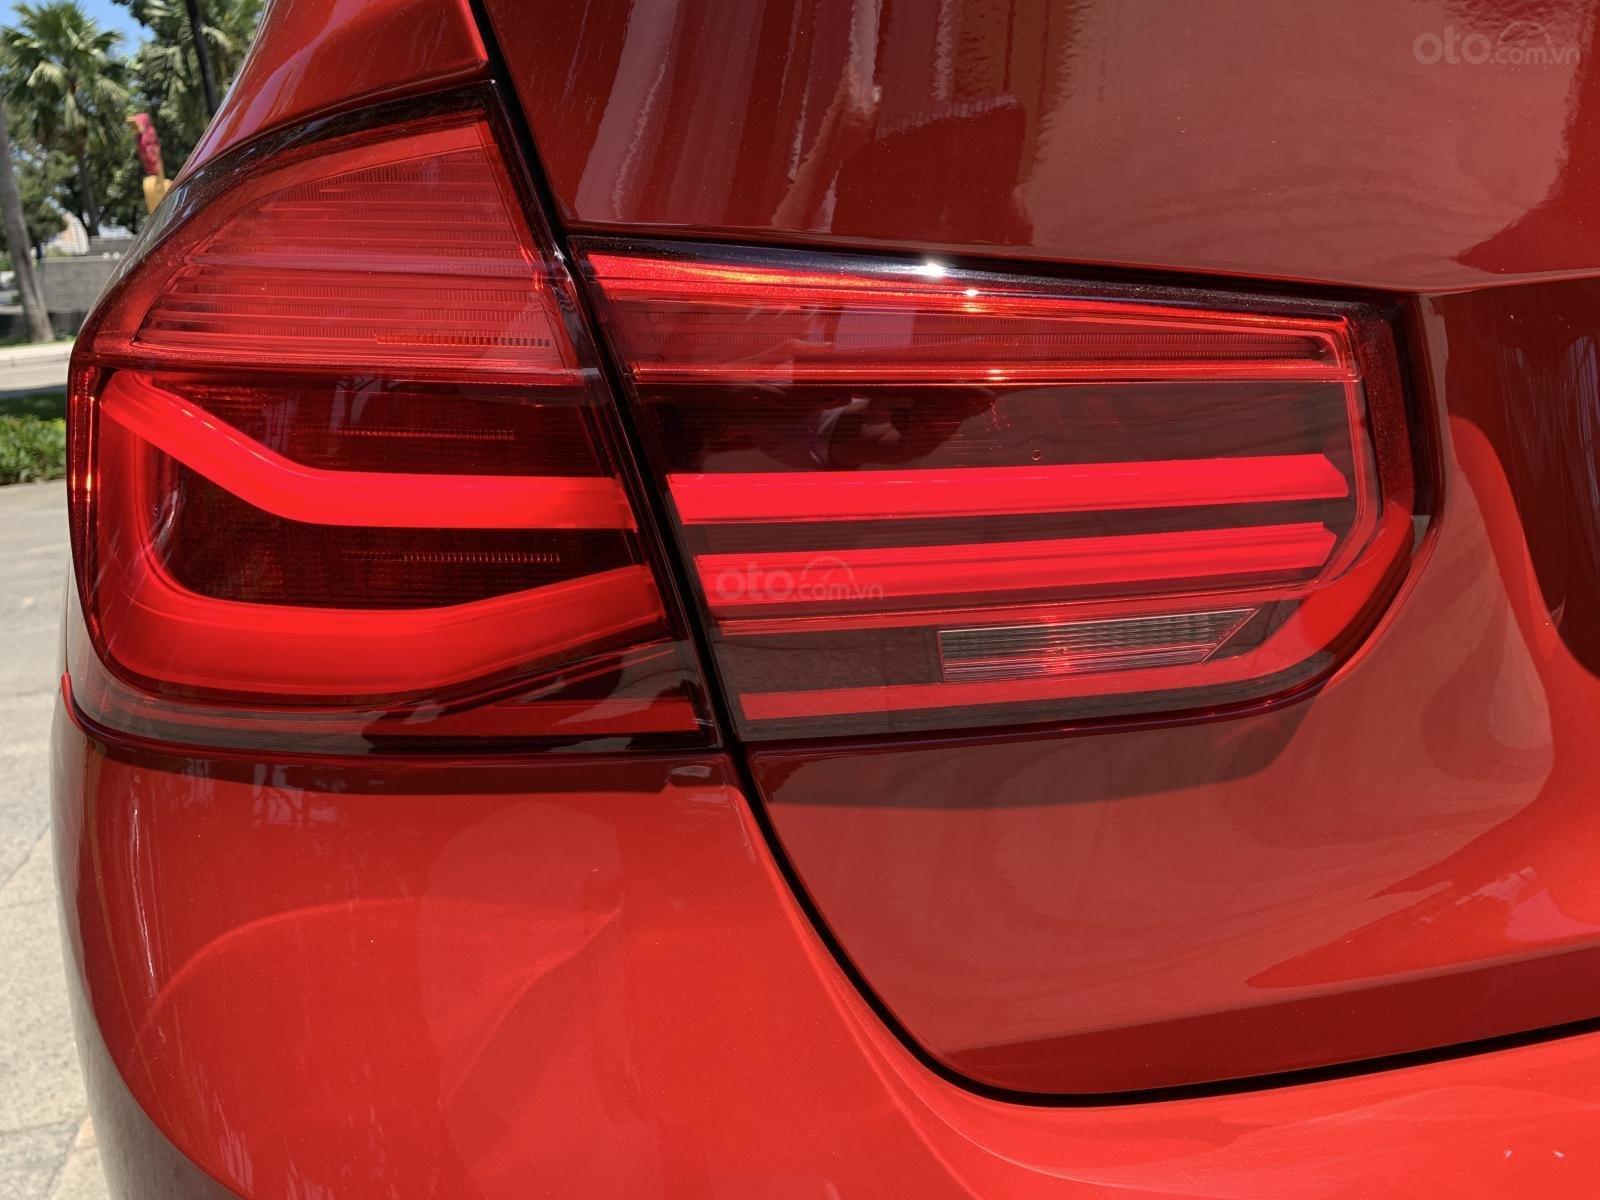 BMW 320i 2019 - KM 100% trước bạ - Liên hệ 0938308393-7